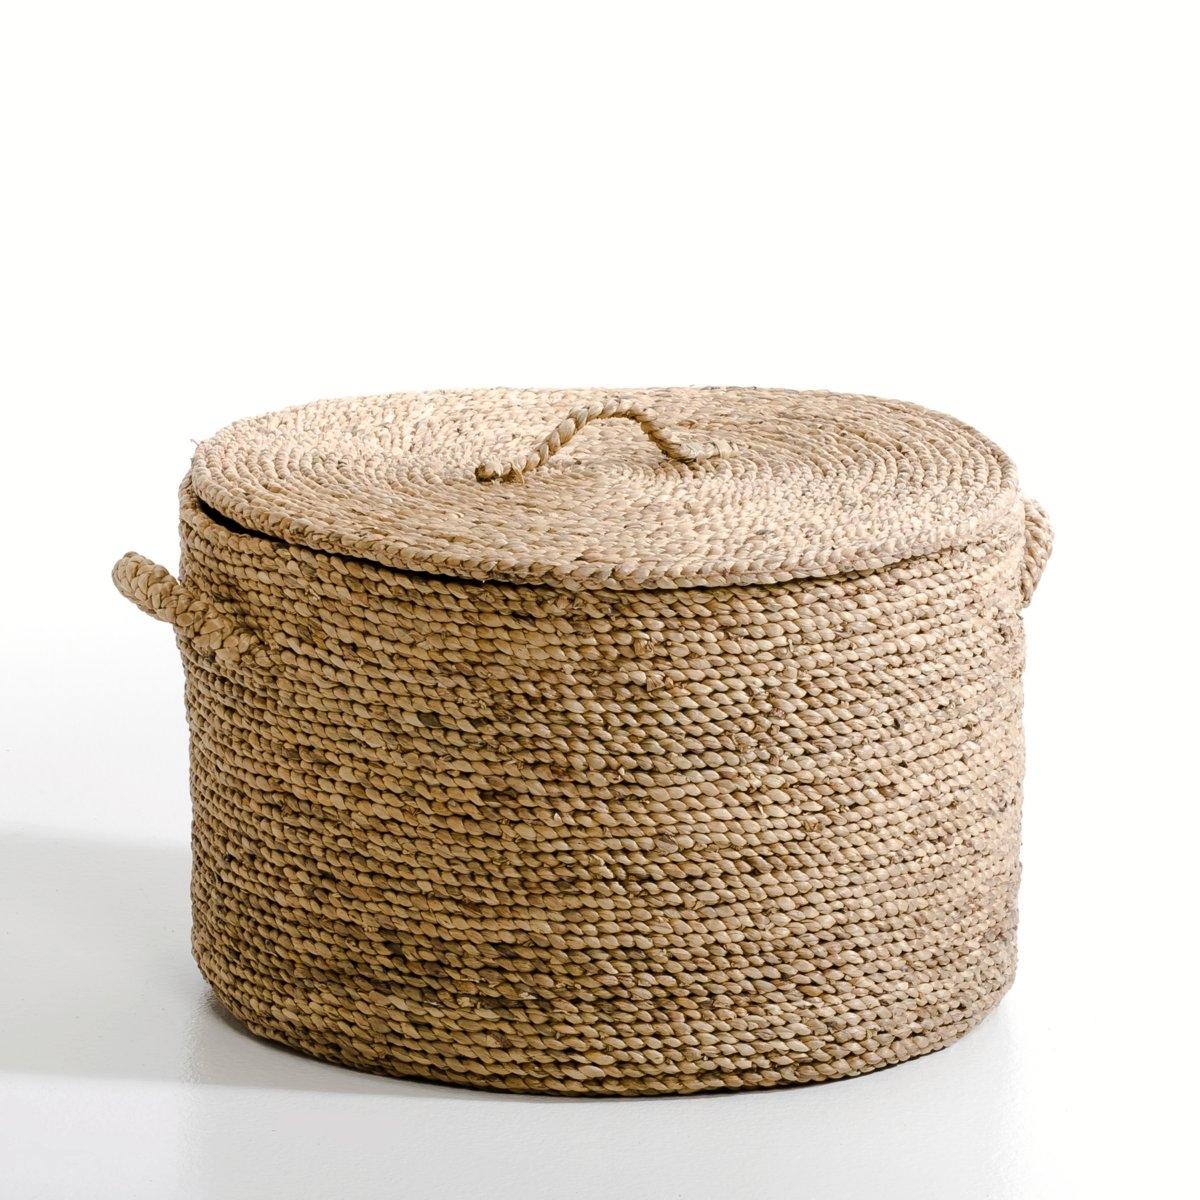 Корзина круглая из плетеных волокон эйхорнии. В36,5 см, Liane от La Redoute